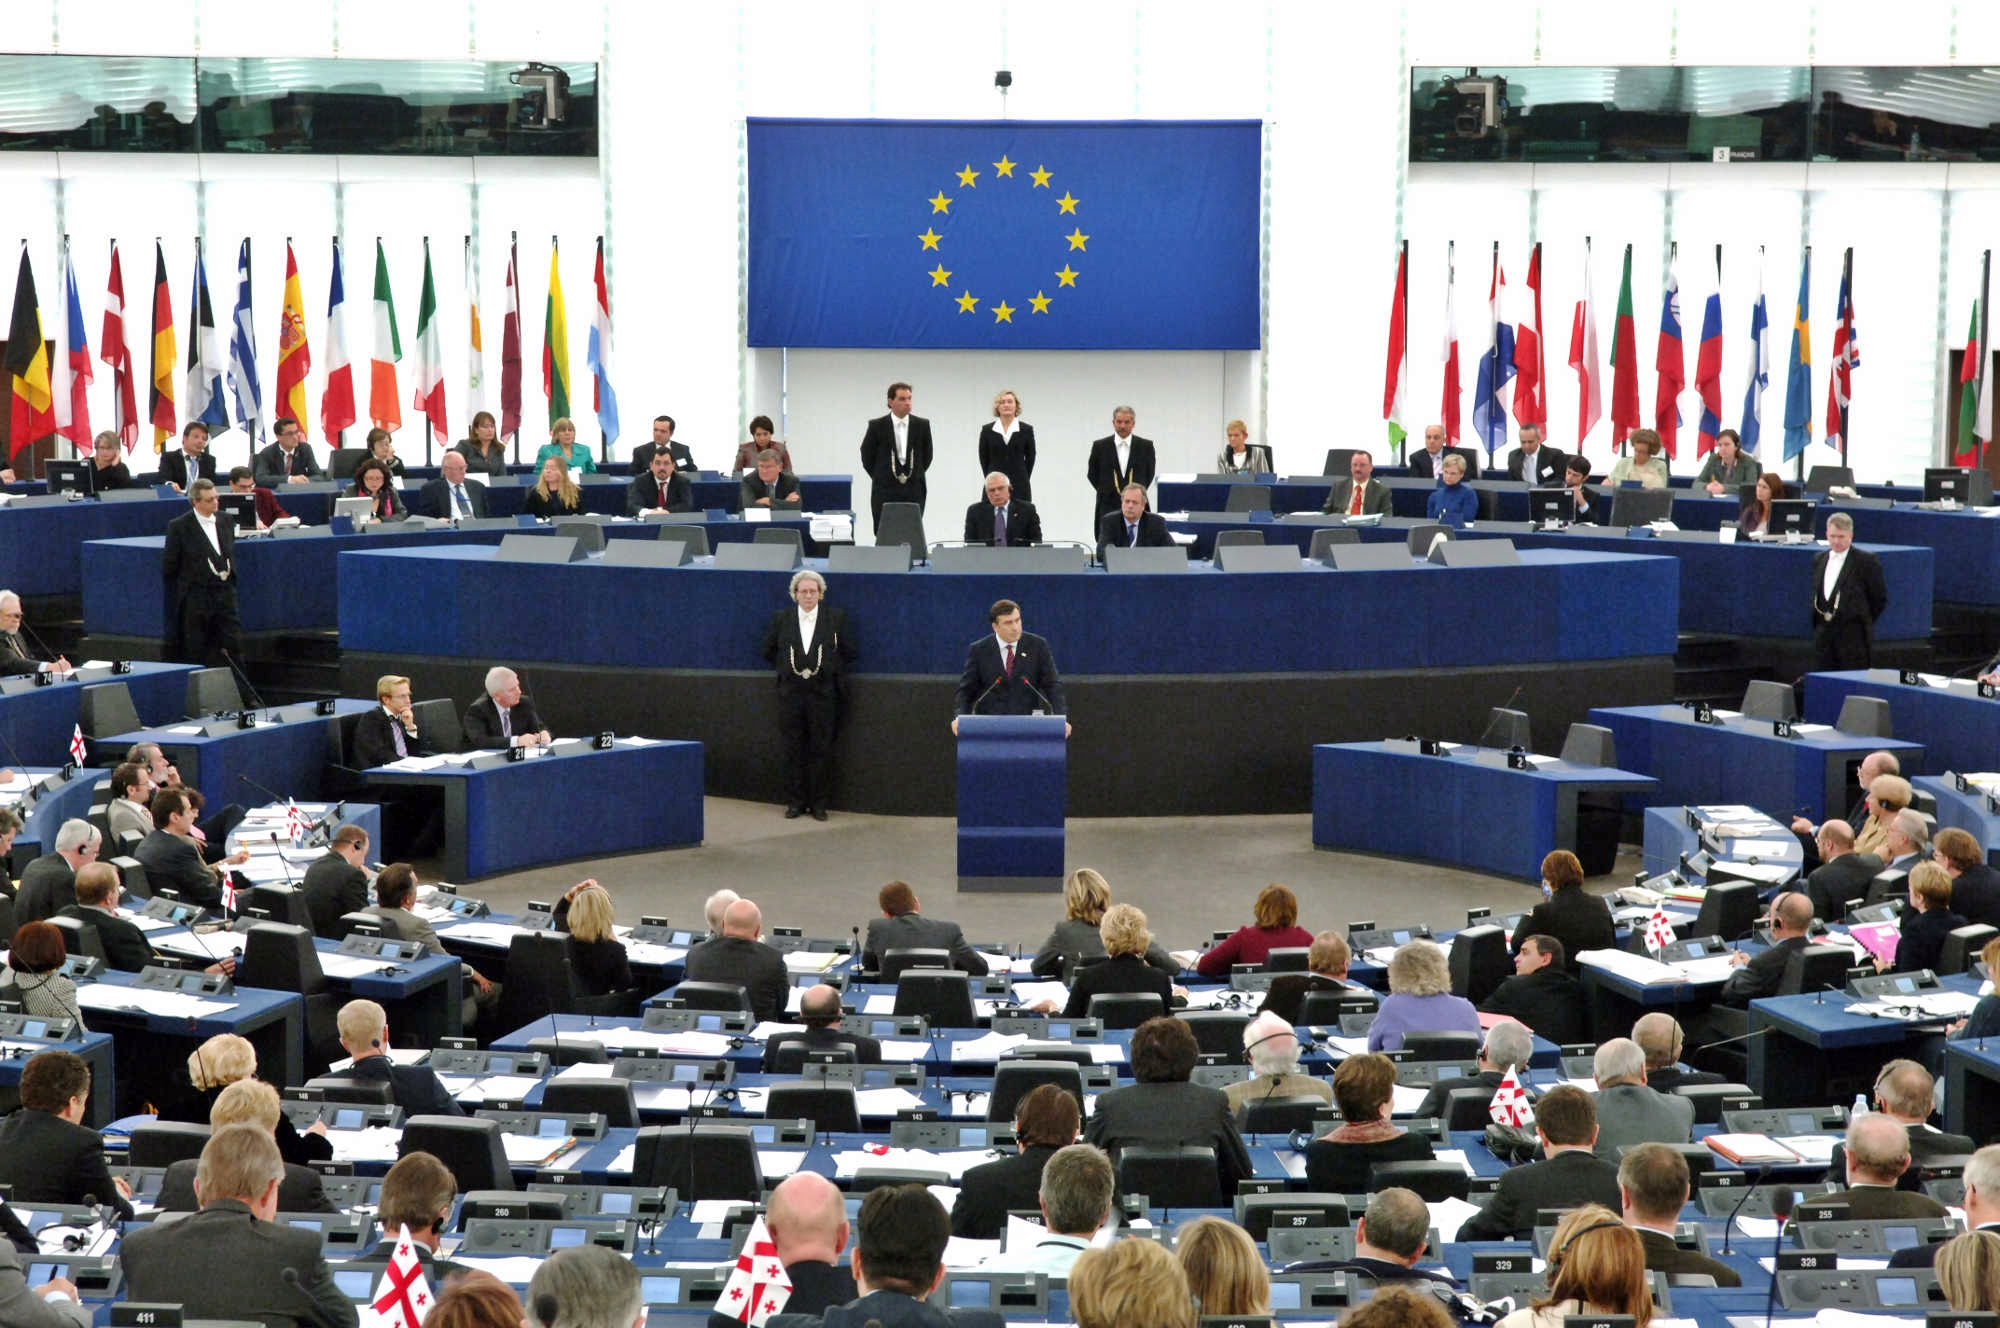 Proiezioni Europarlamento: 27 seggi a Lega, 22 a M5S. Primo gruppo Ppe